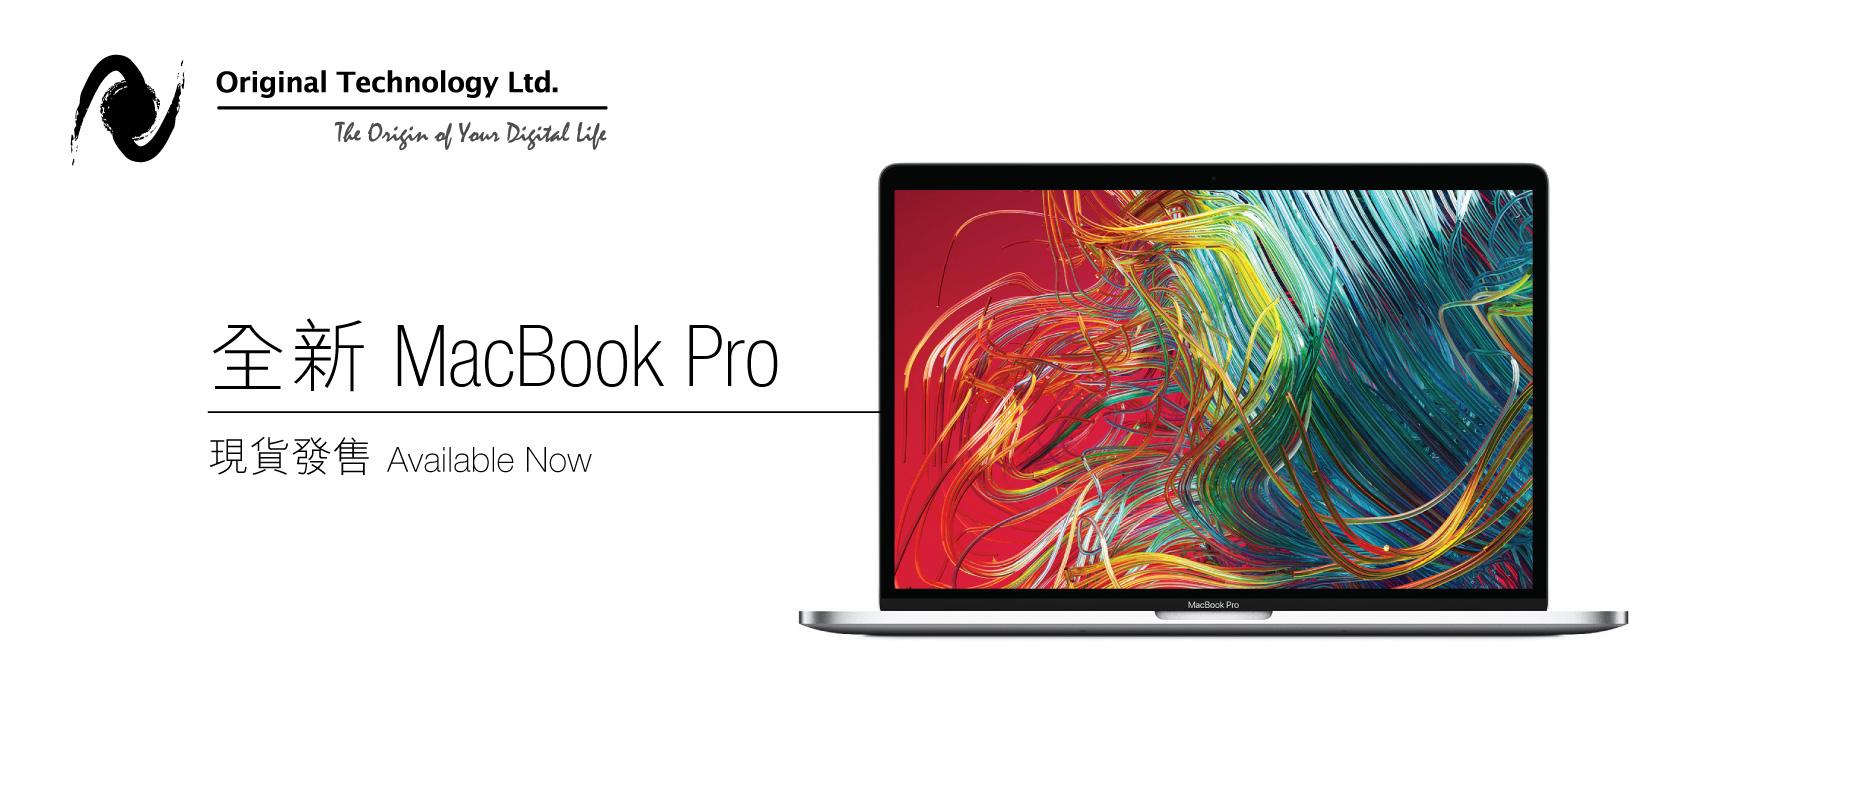 NA07_MacBook Pro_900x383_01_WeChat_Case.jpg